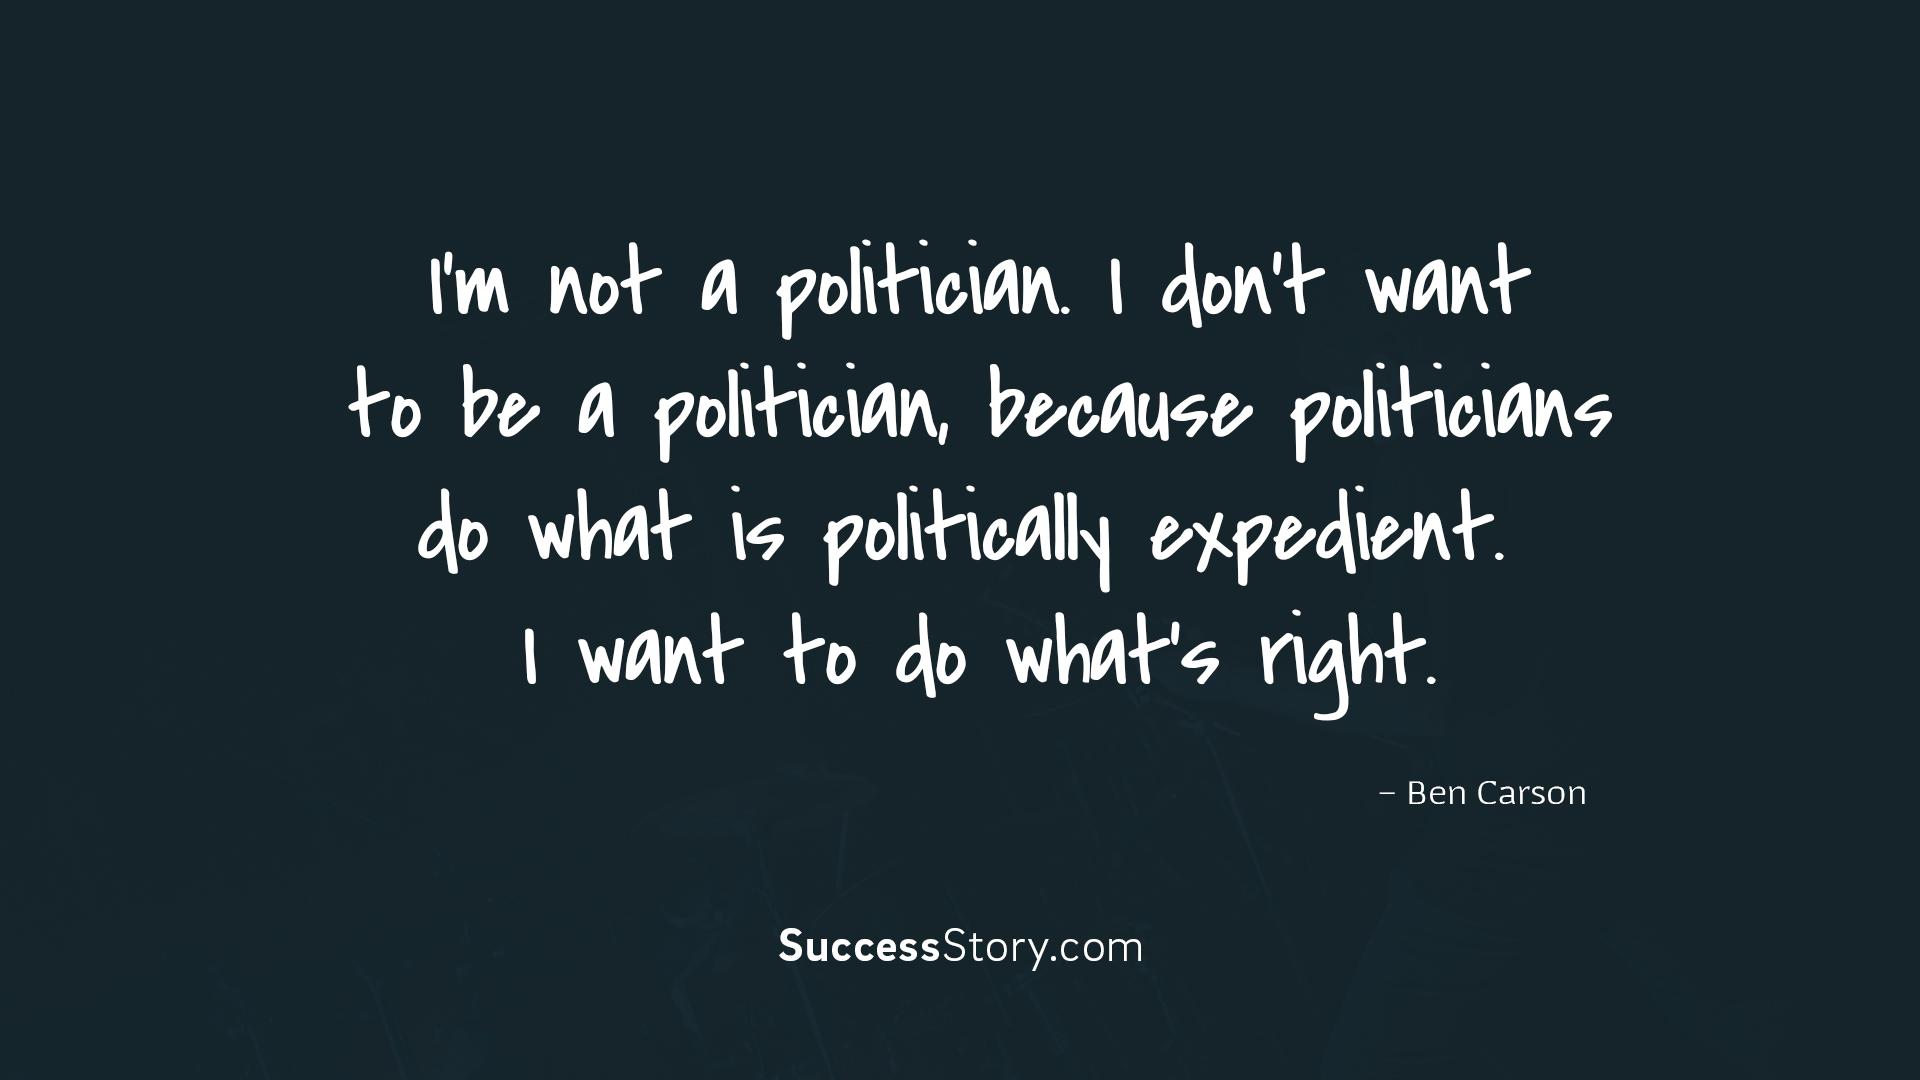 I m not a politician